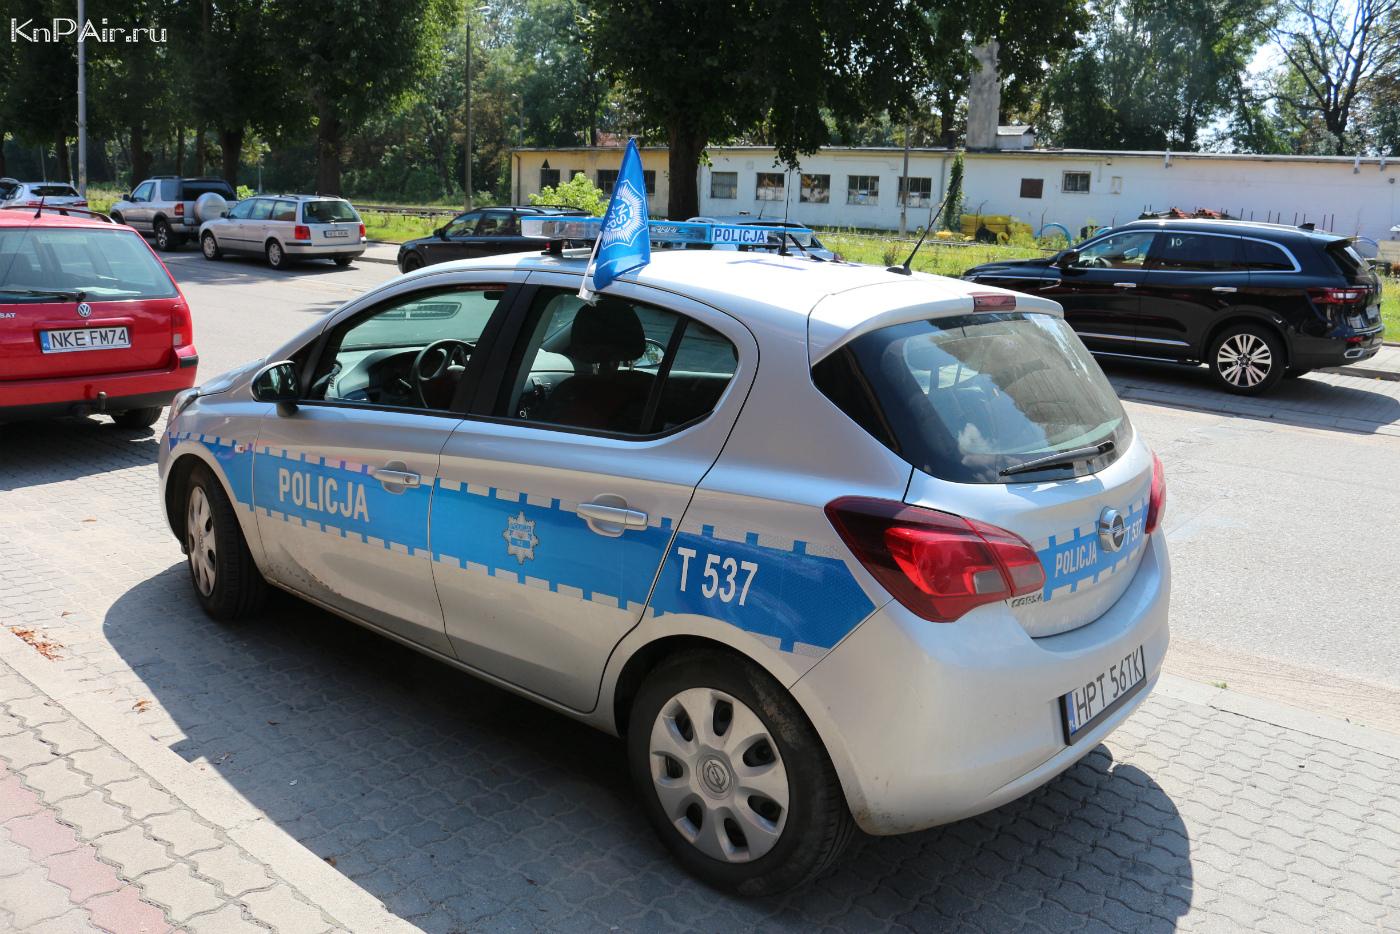 Policija-v-Kentshine